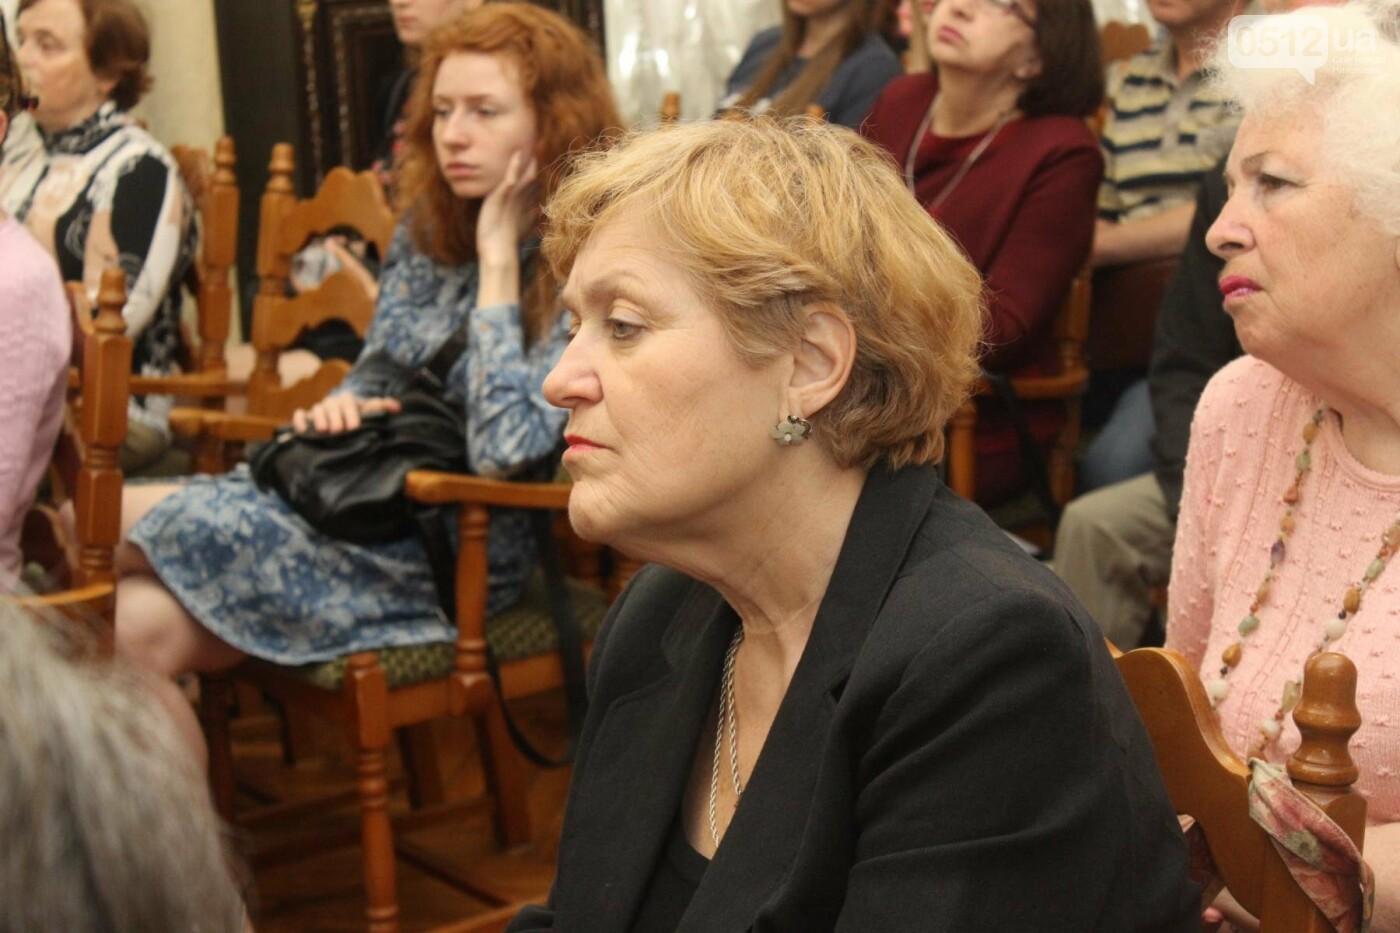 В Николаеве презентовали работы израильских художников к 175-ти летию Верещагина, - ФОТО, фото-8